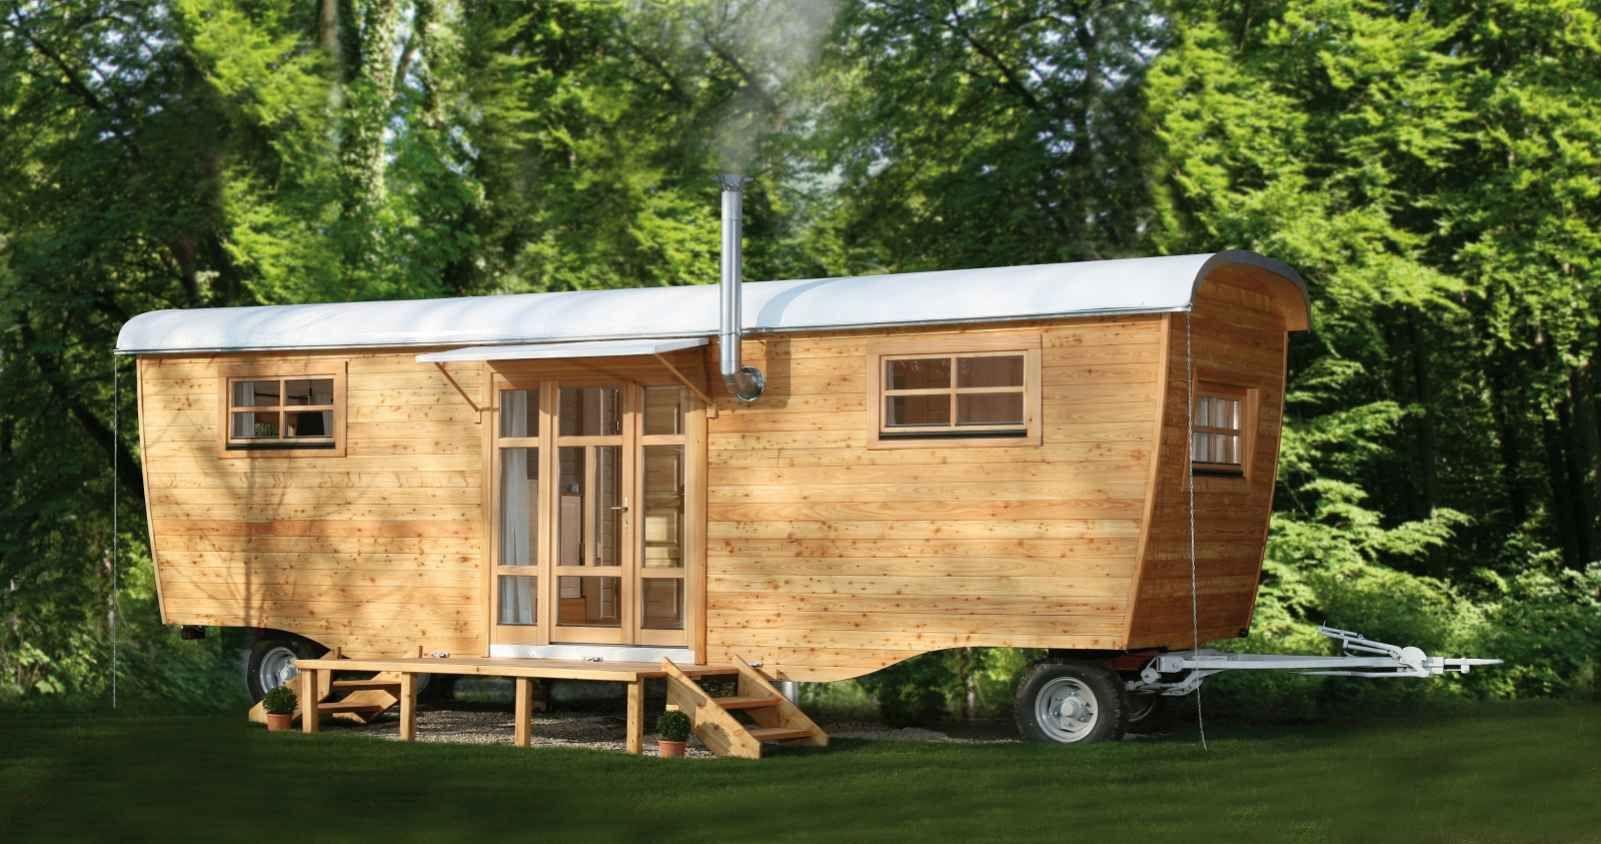 Hauswohnwagen Basic Aus Holz Von Wohlwagen Haus Wohnwagen